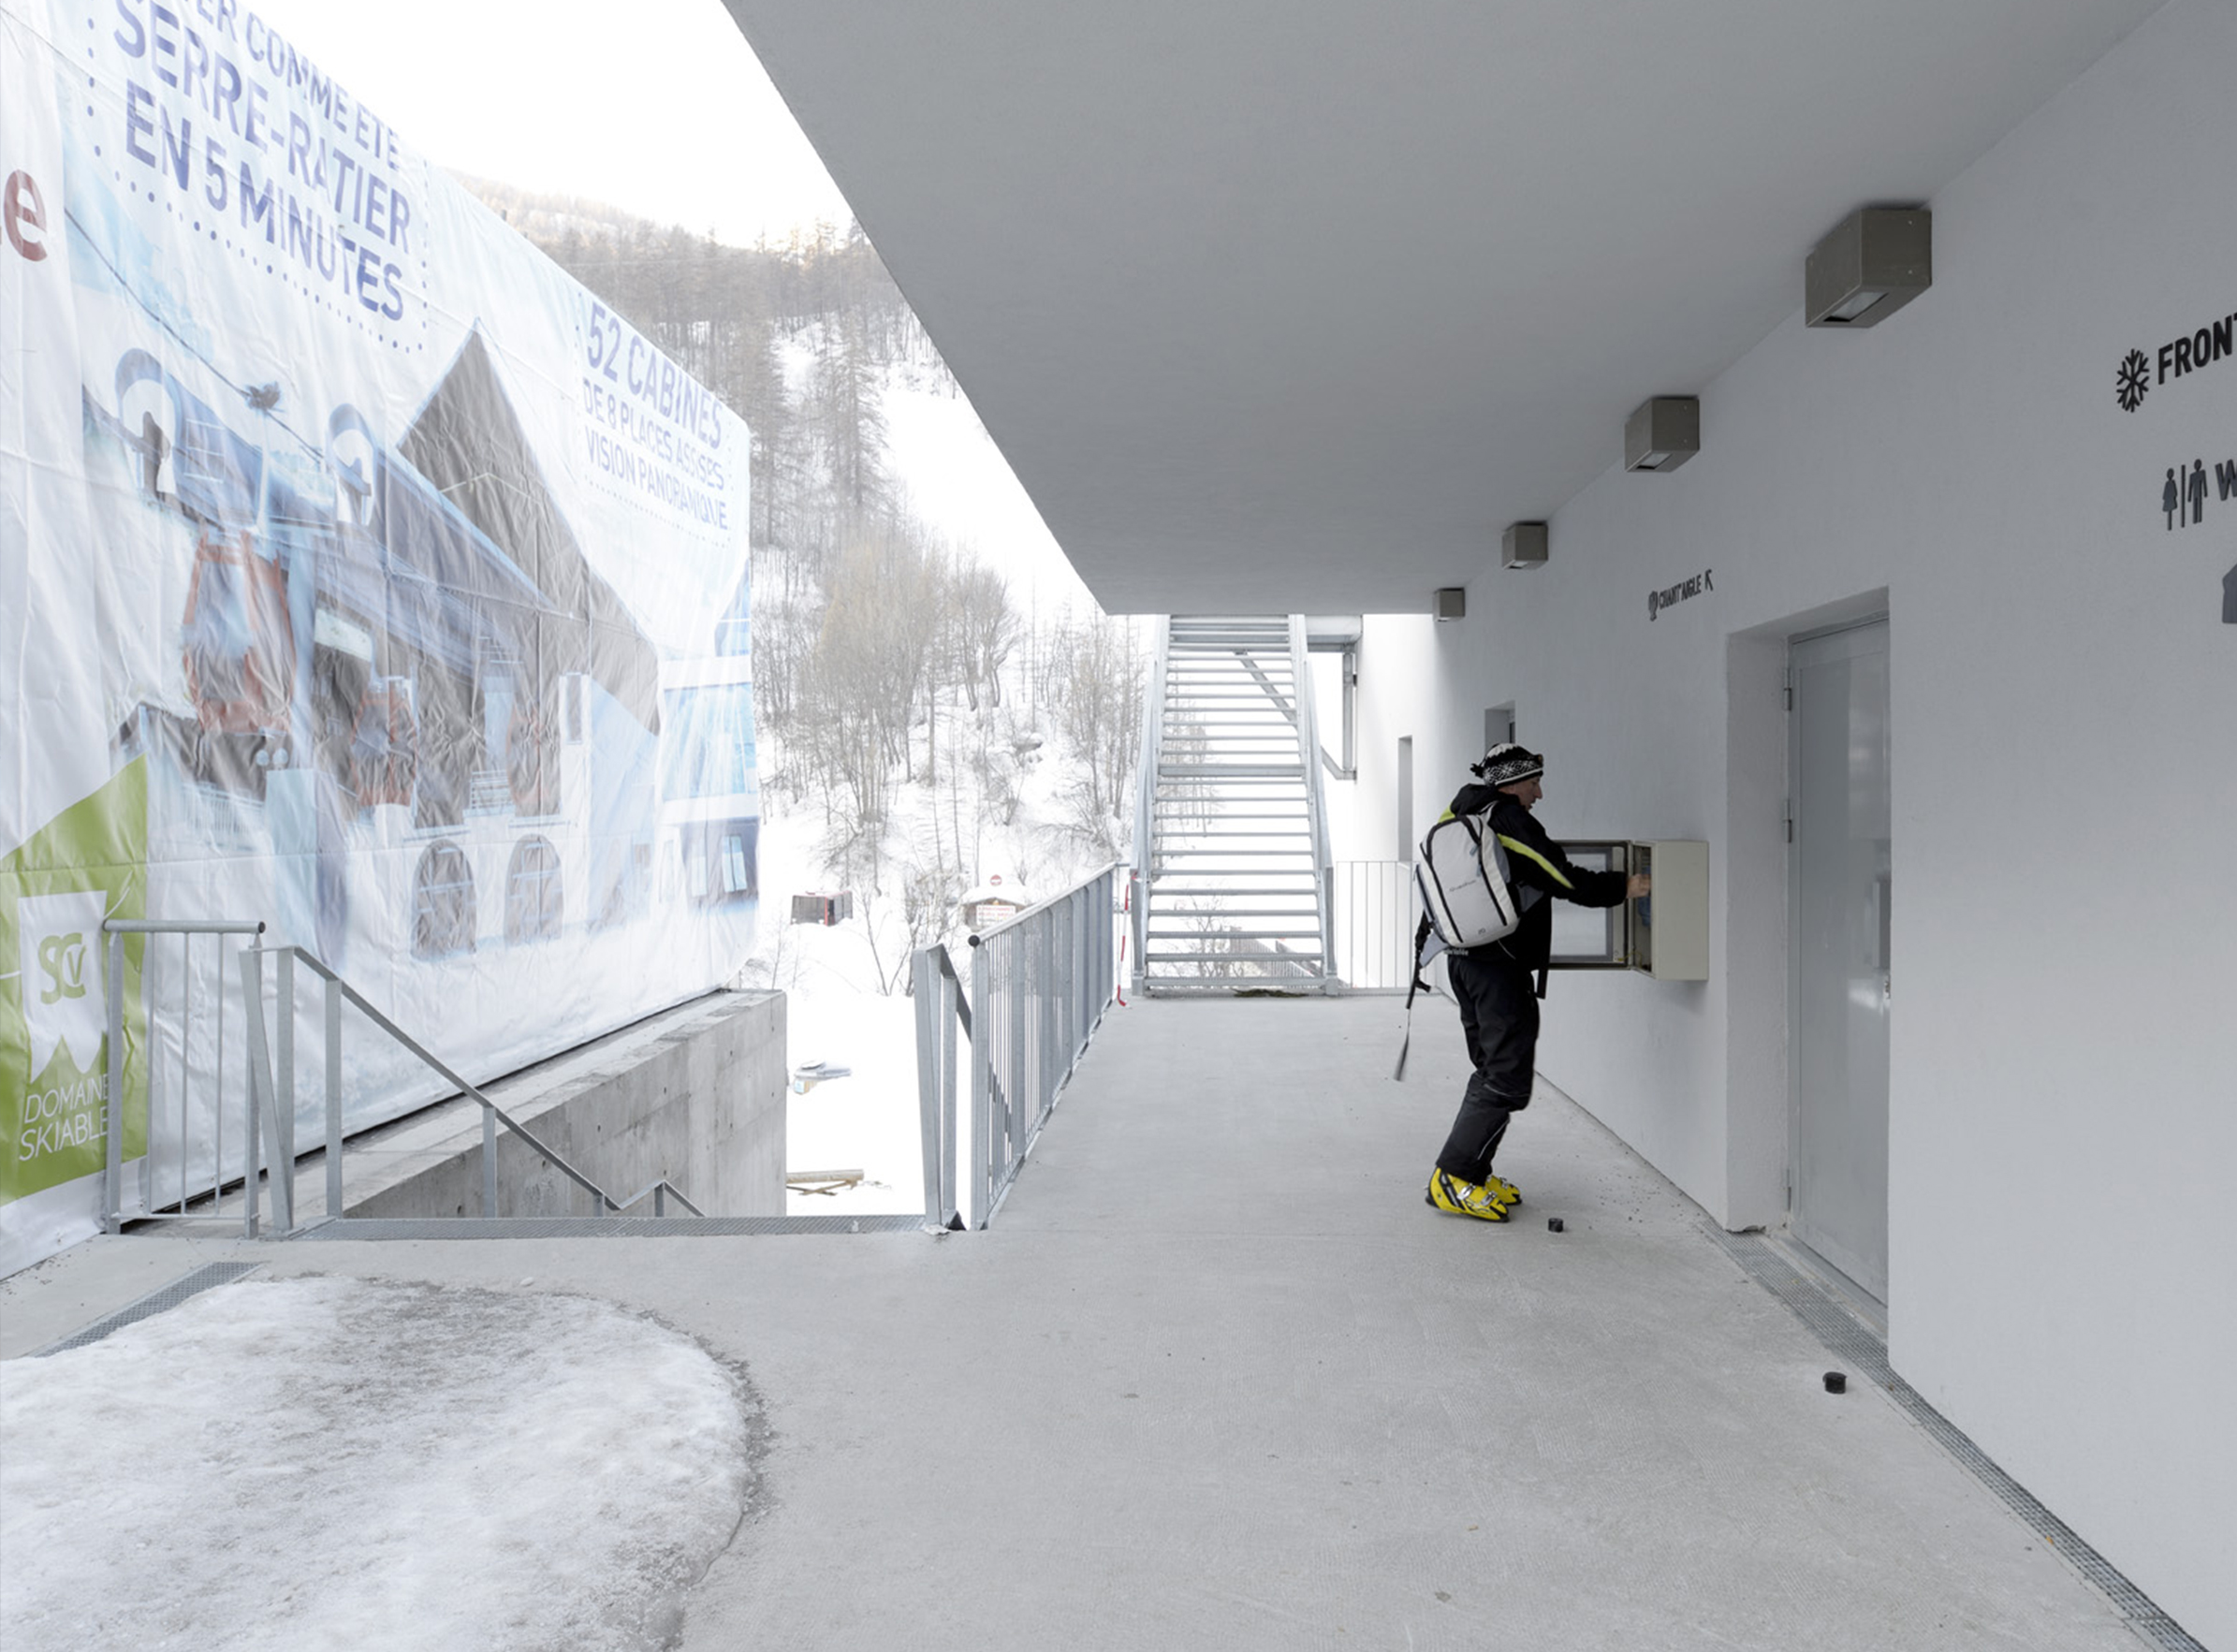 La Maison Blanche - 03 - Équipements + Bureau - Caractère Spécial - Matthieu Poitevin Architecture